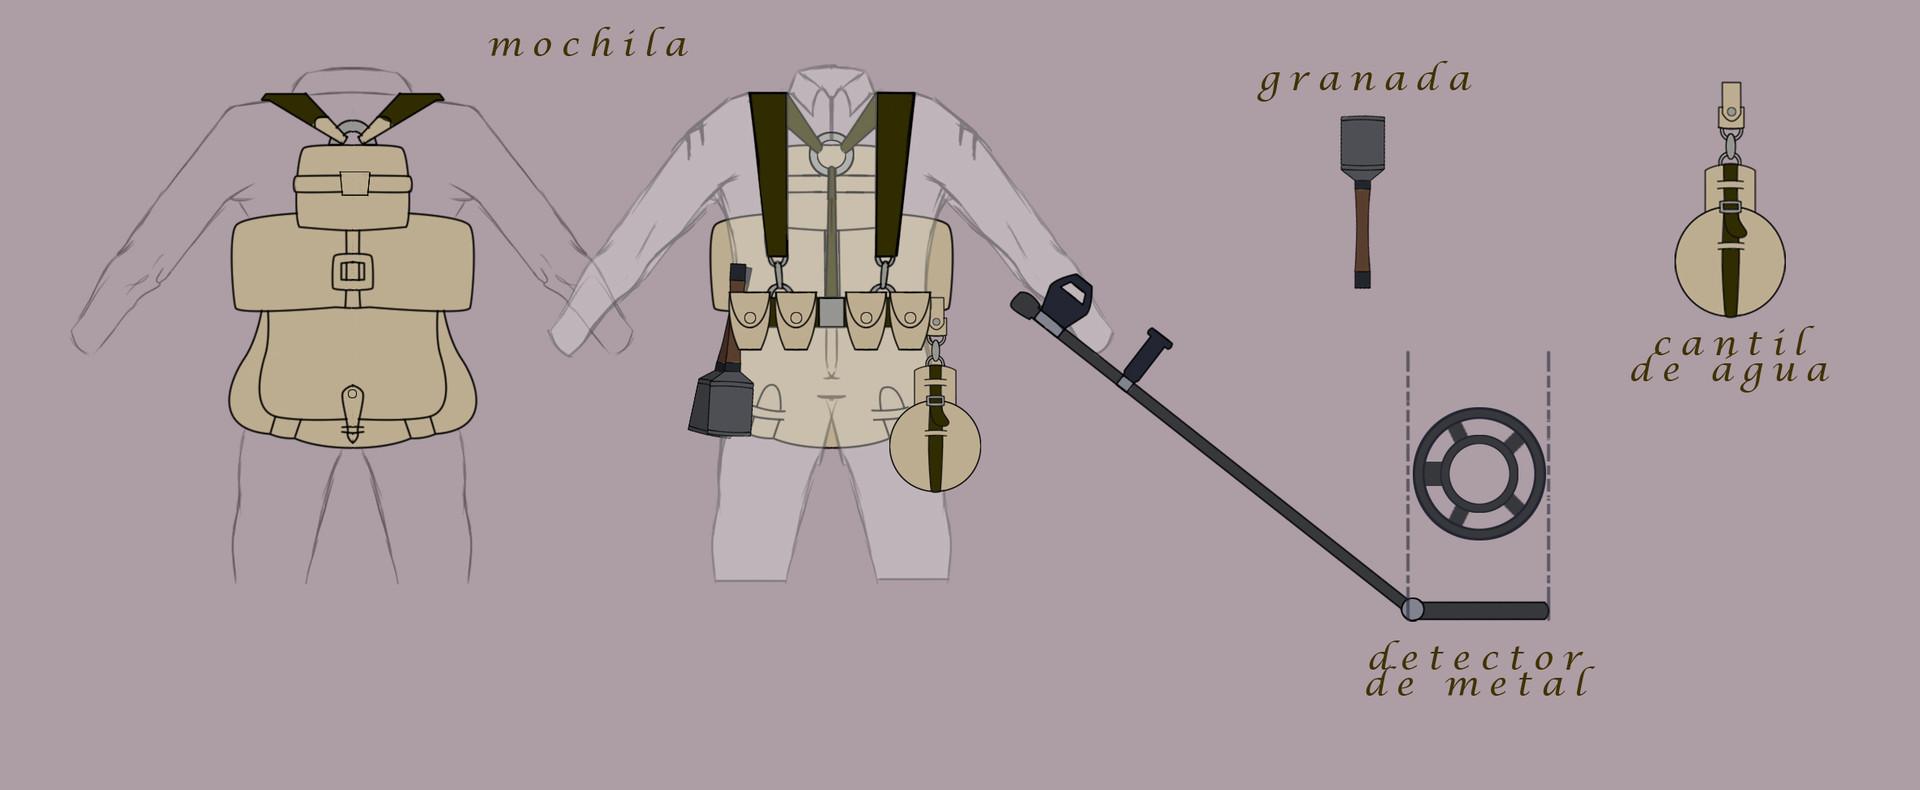 Angelo carvalho objetos e armas